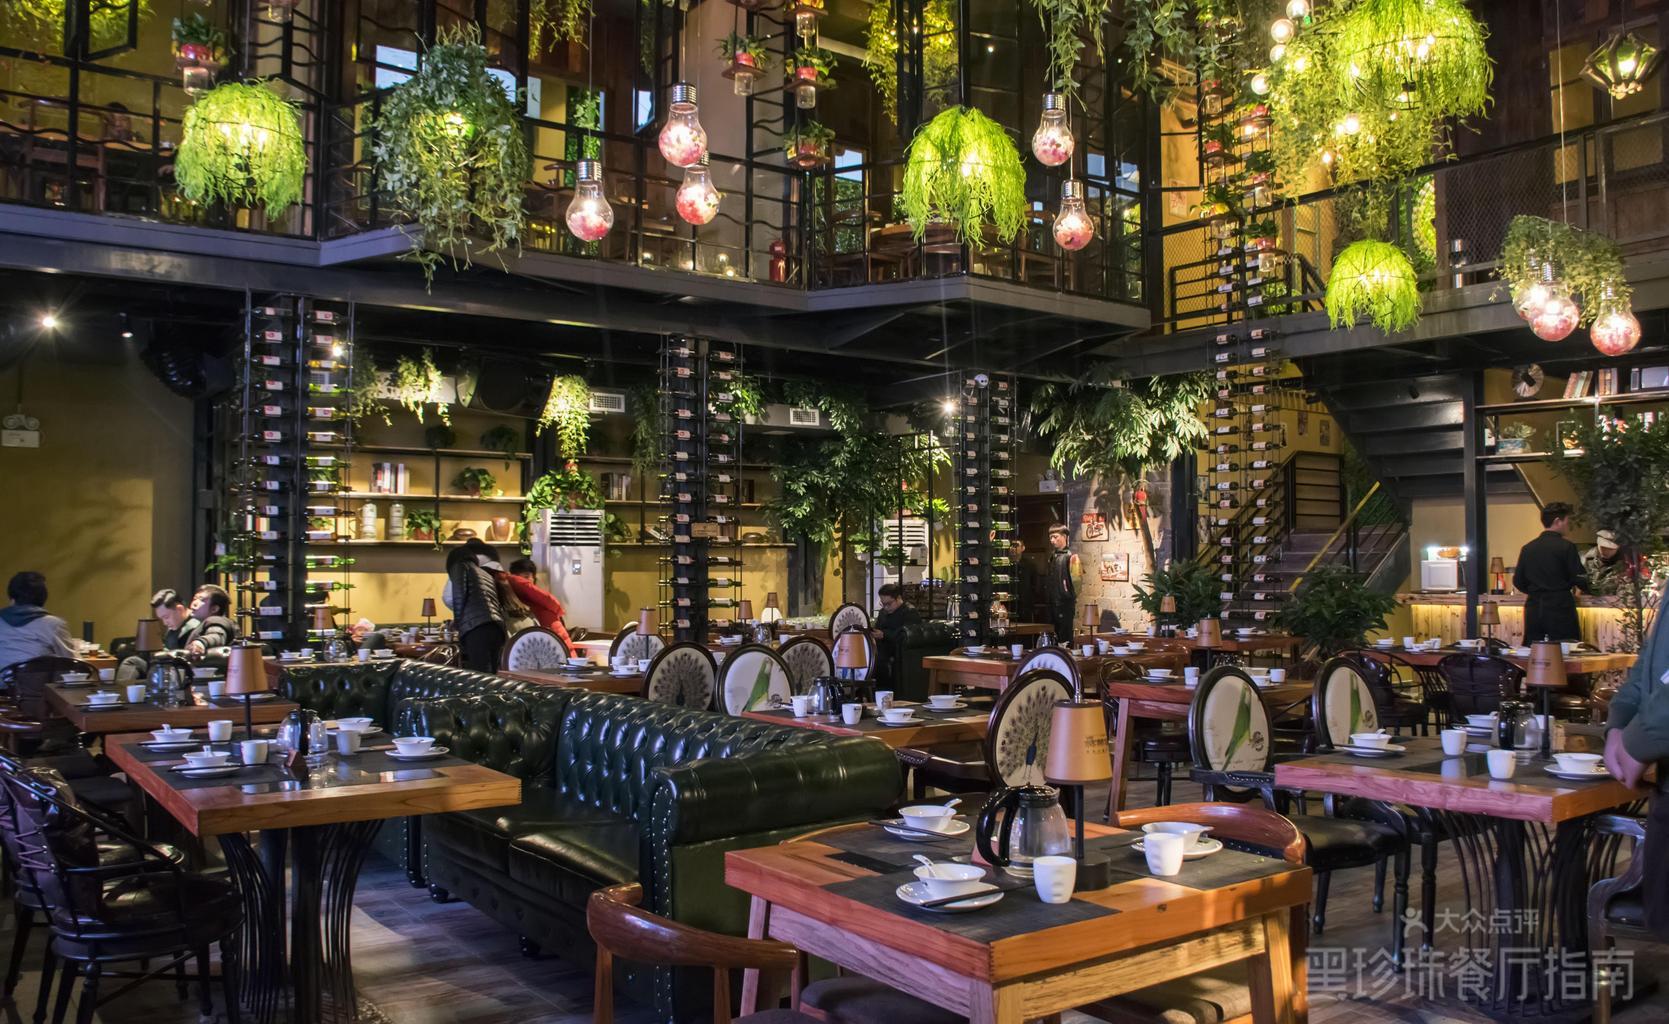 [步行街/梅尼百货] 森林梦音乐主题餐厅